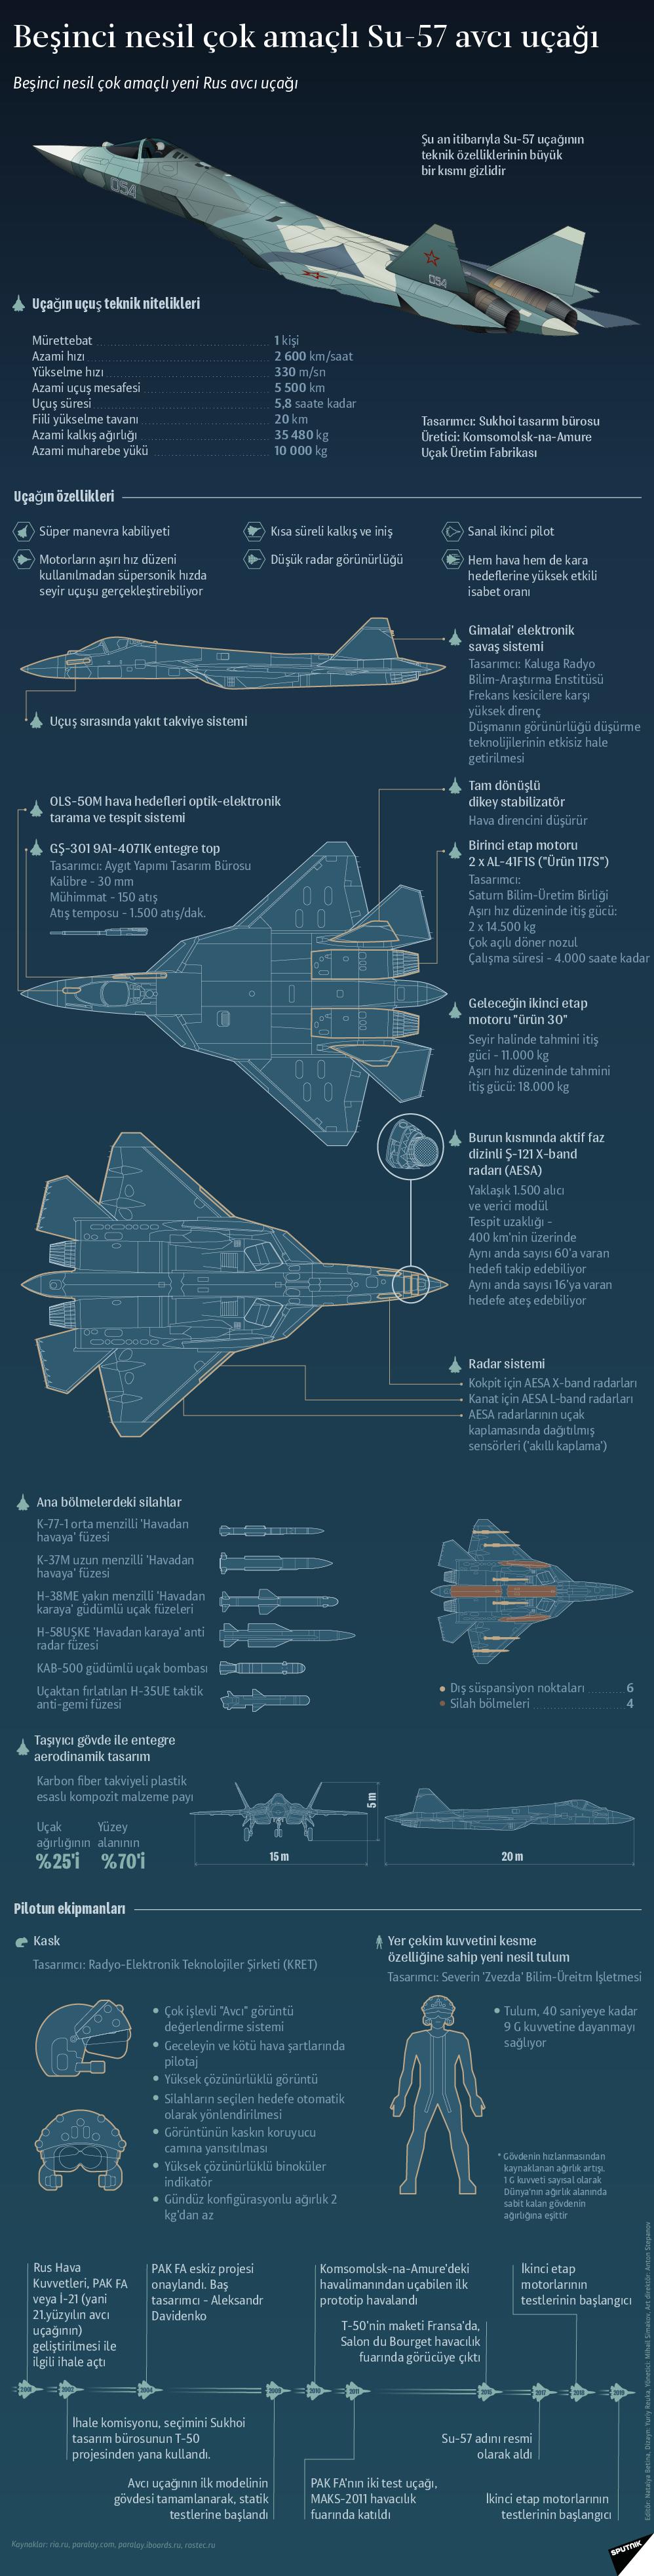 Beşinci nesil çok amaçlı Su-57 avcı uçağı